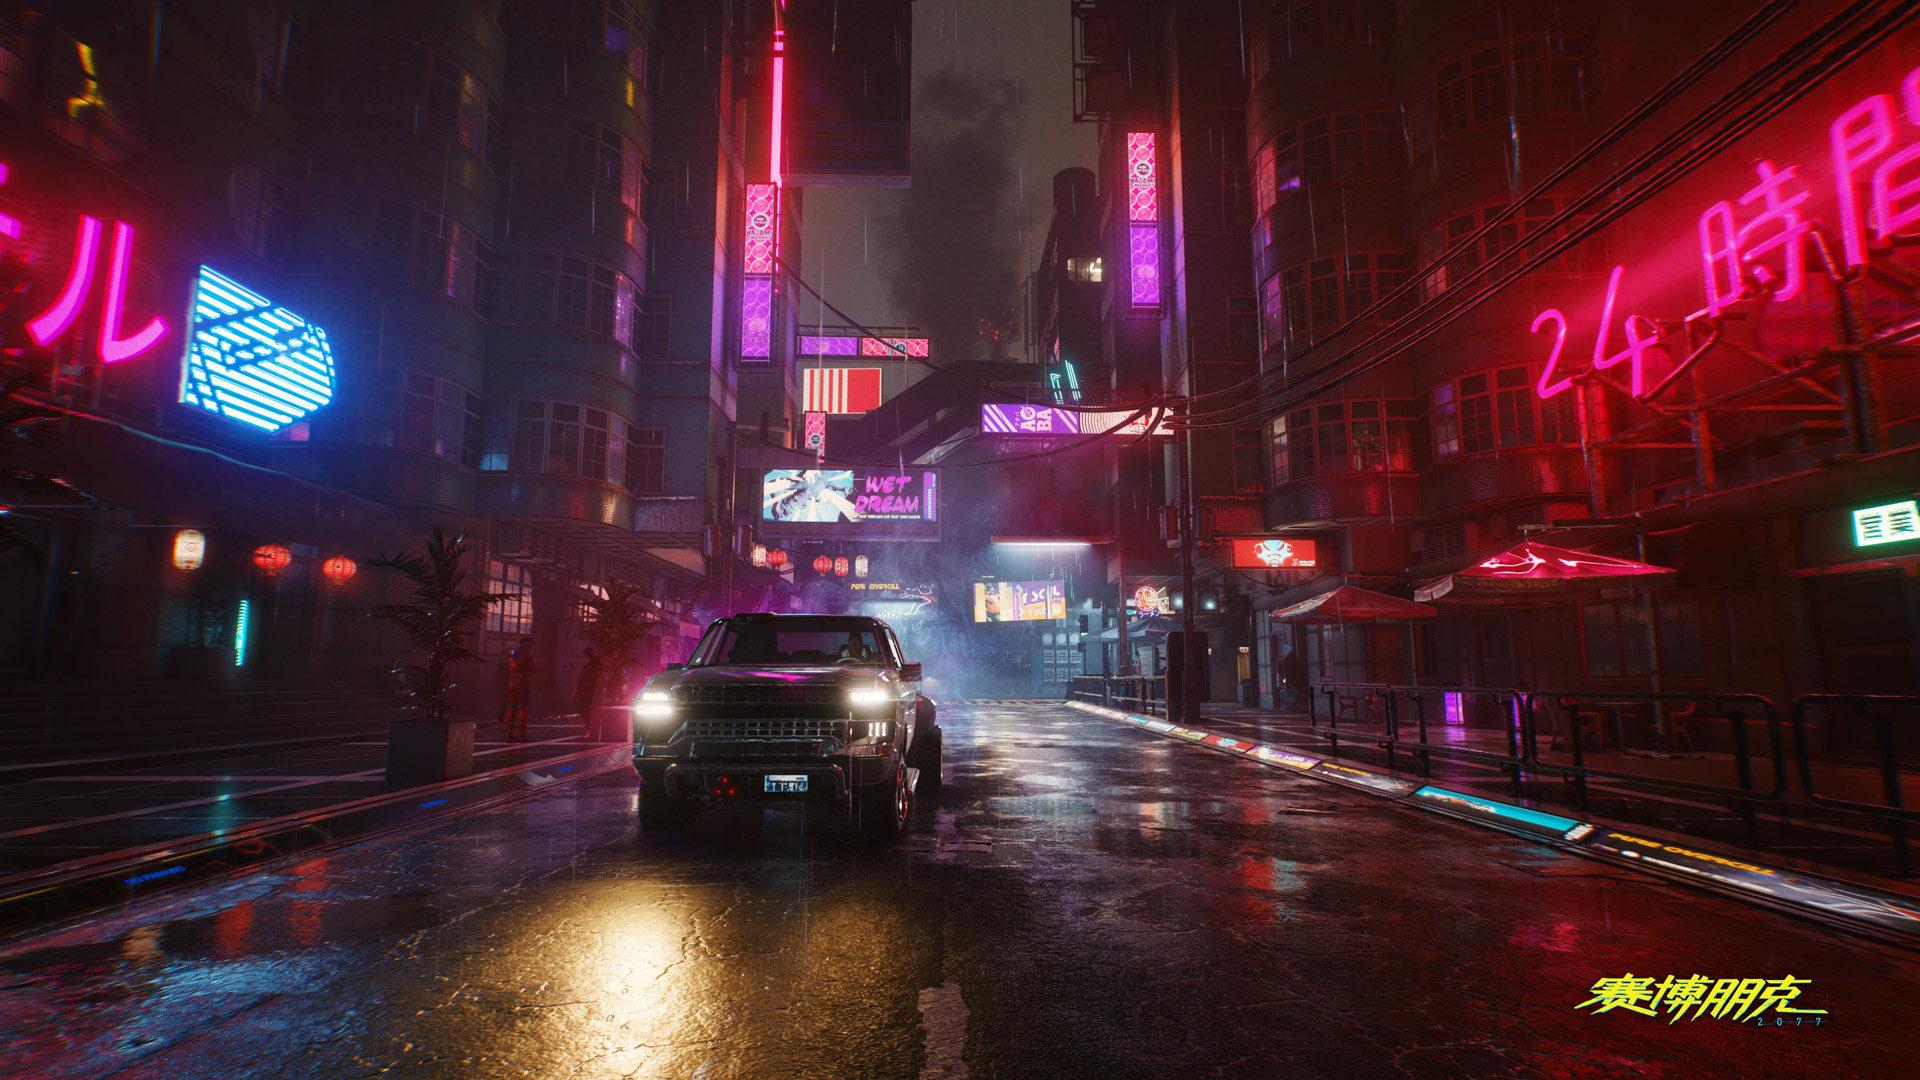 《赛博朋克2077》官方新截图公布 夜之城的光与暗!